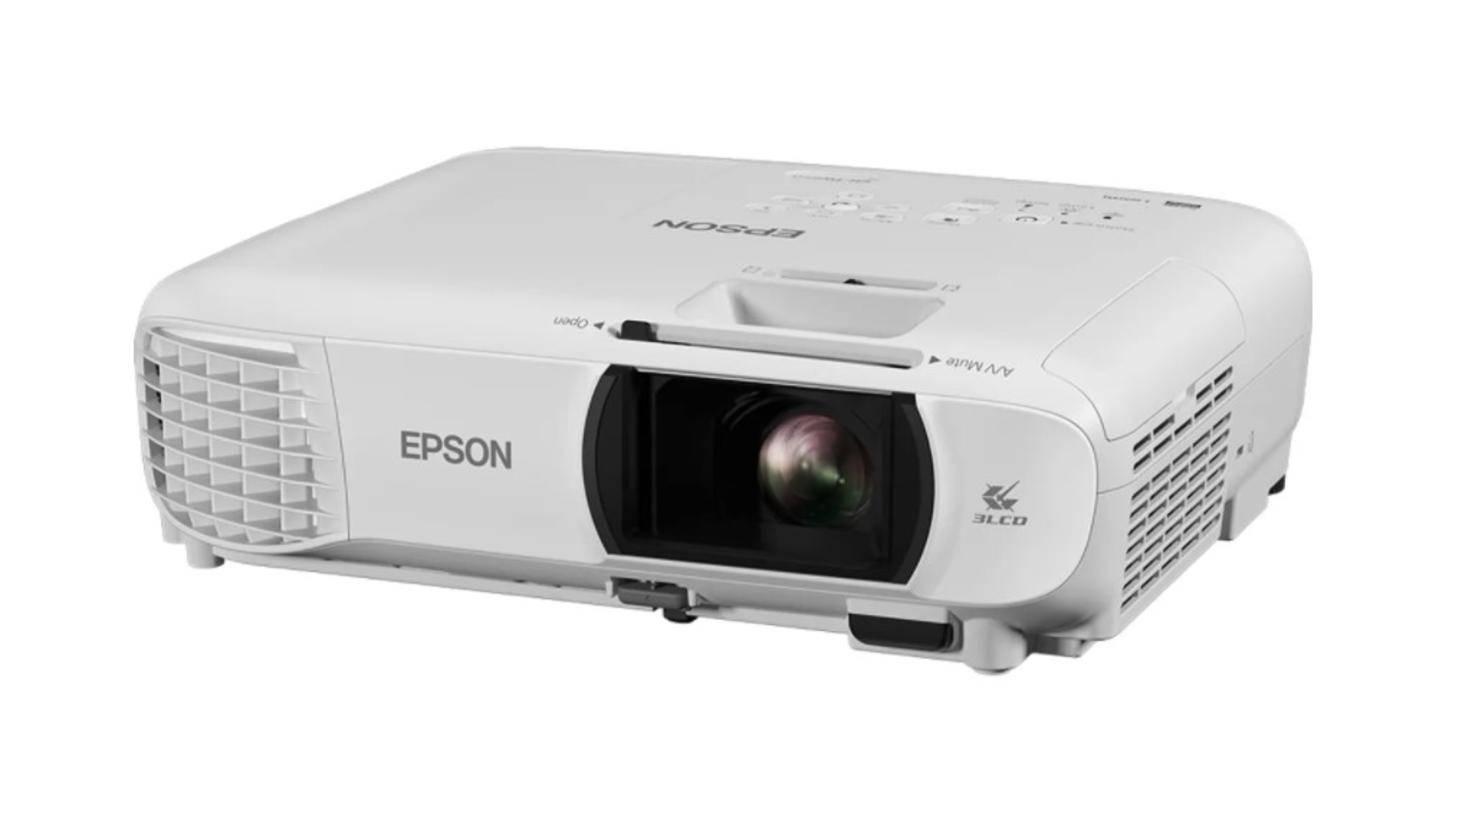 Epson-EH-TW610